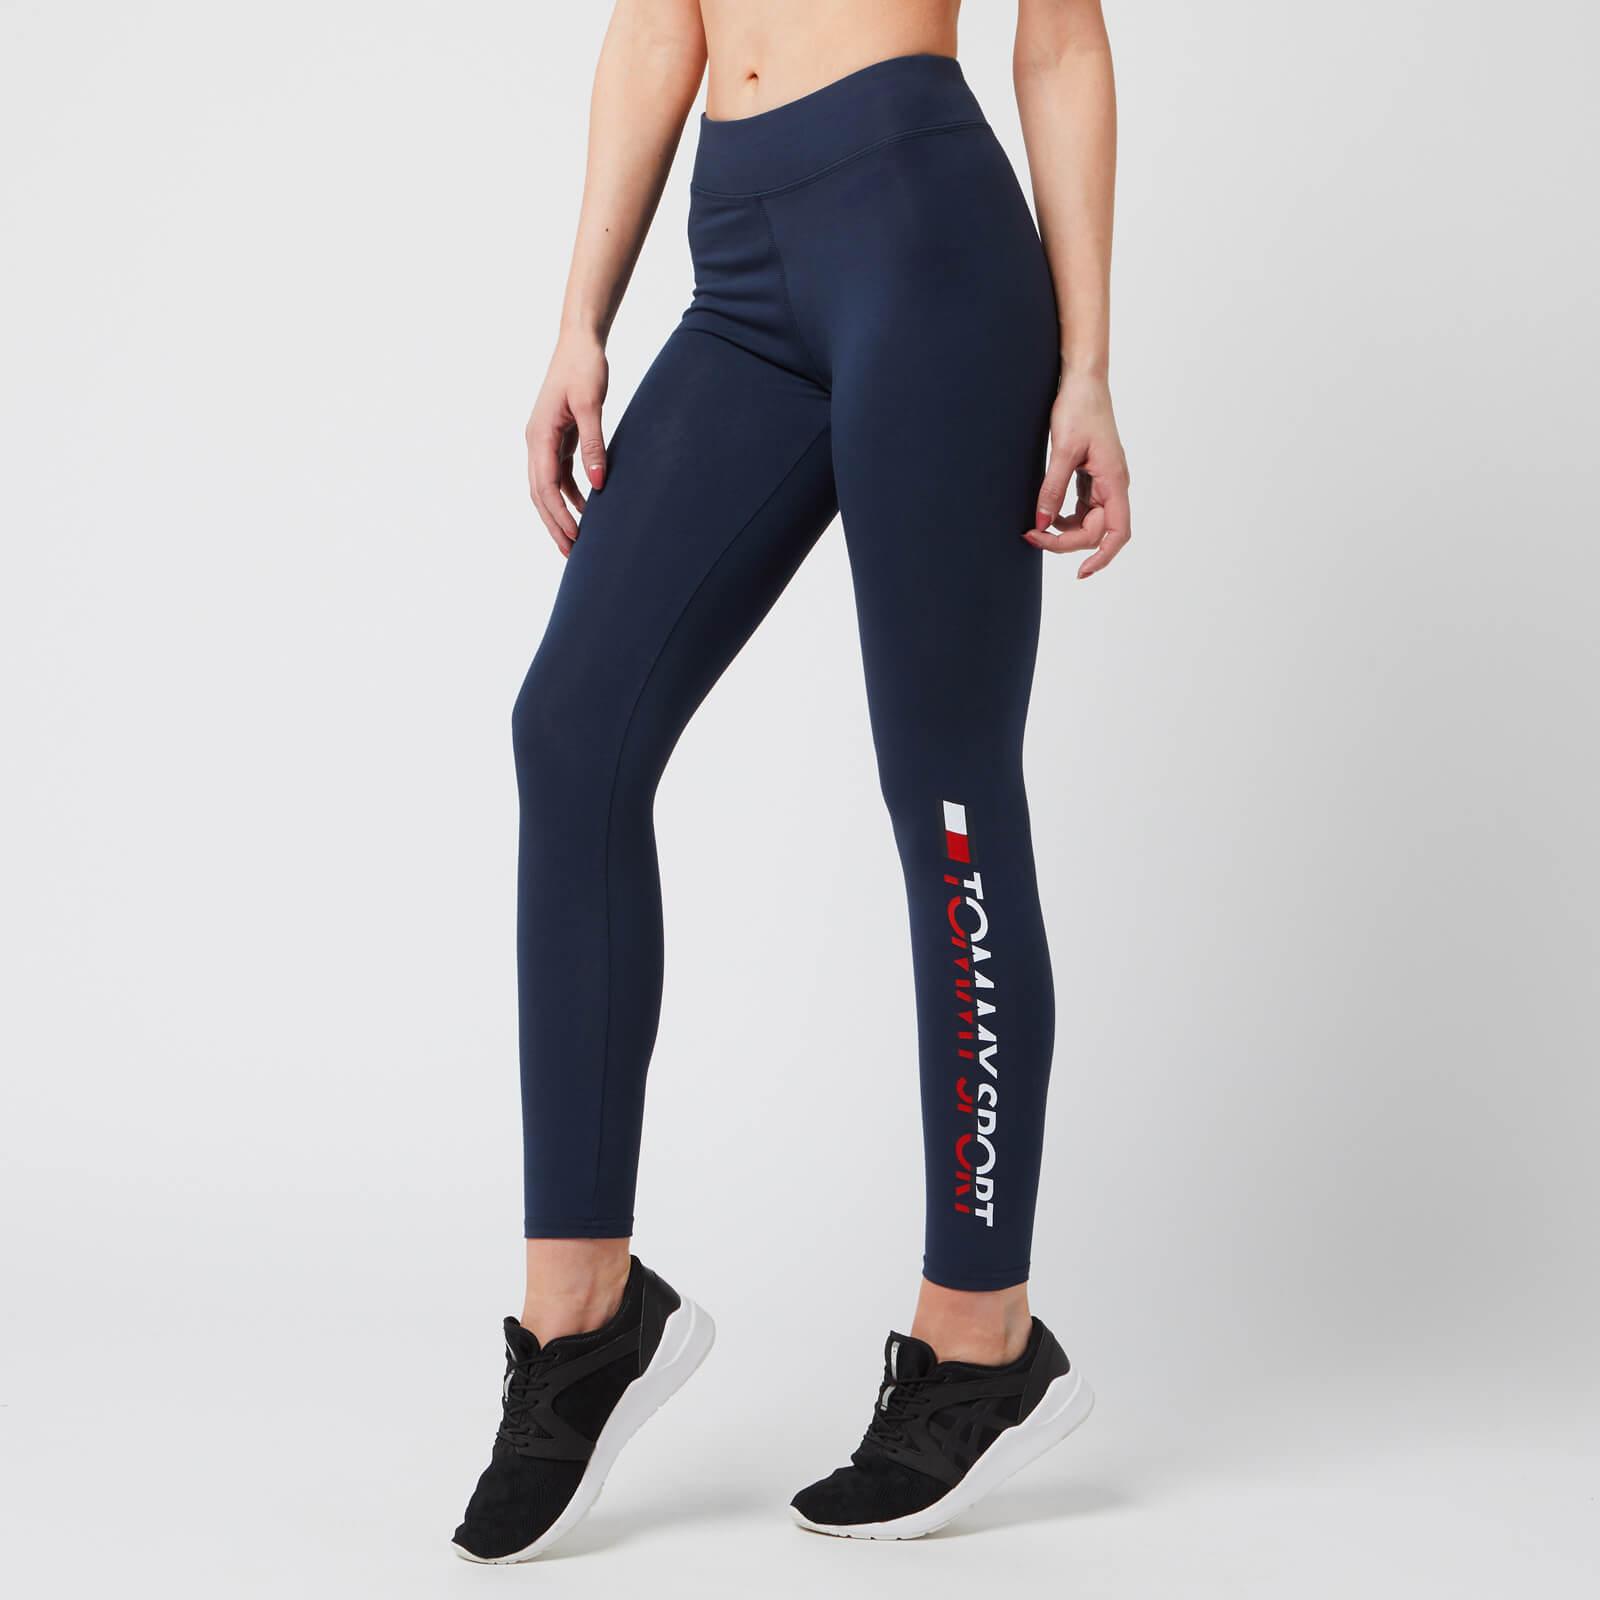 Tommy Hilfiger Sport Women's 7/8 Leggings - Sport Navy - XS - Blue